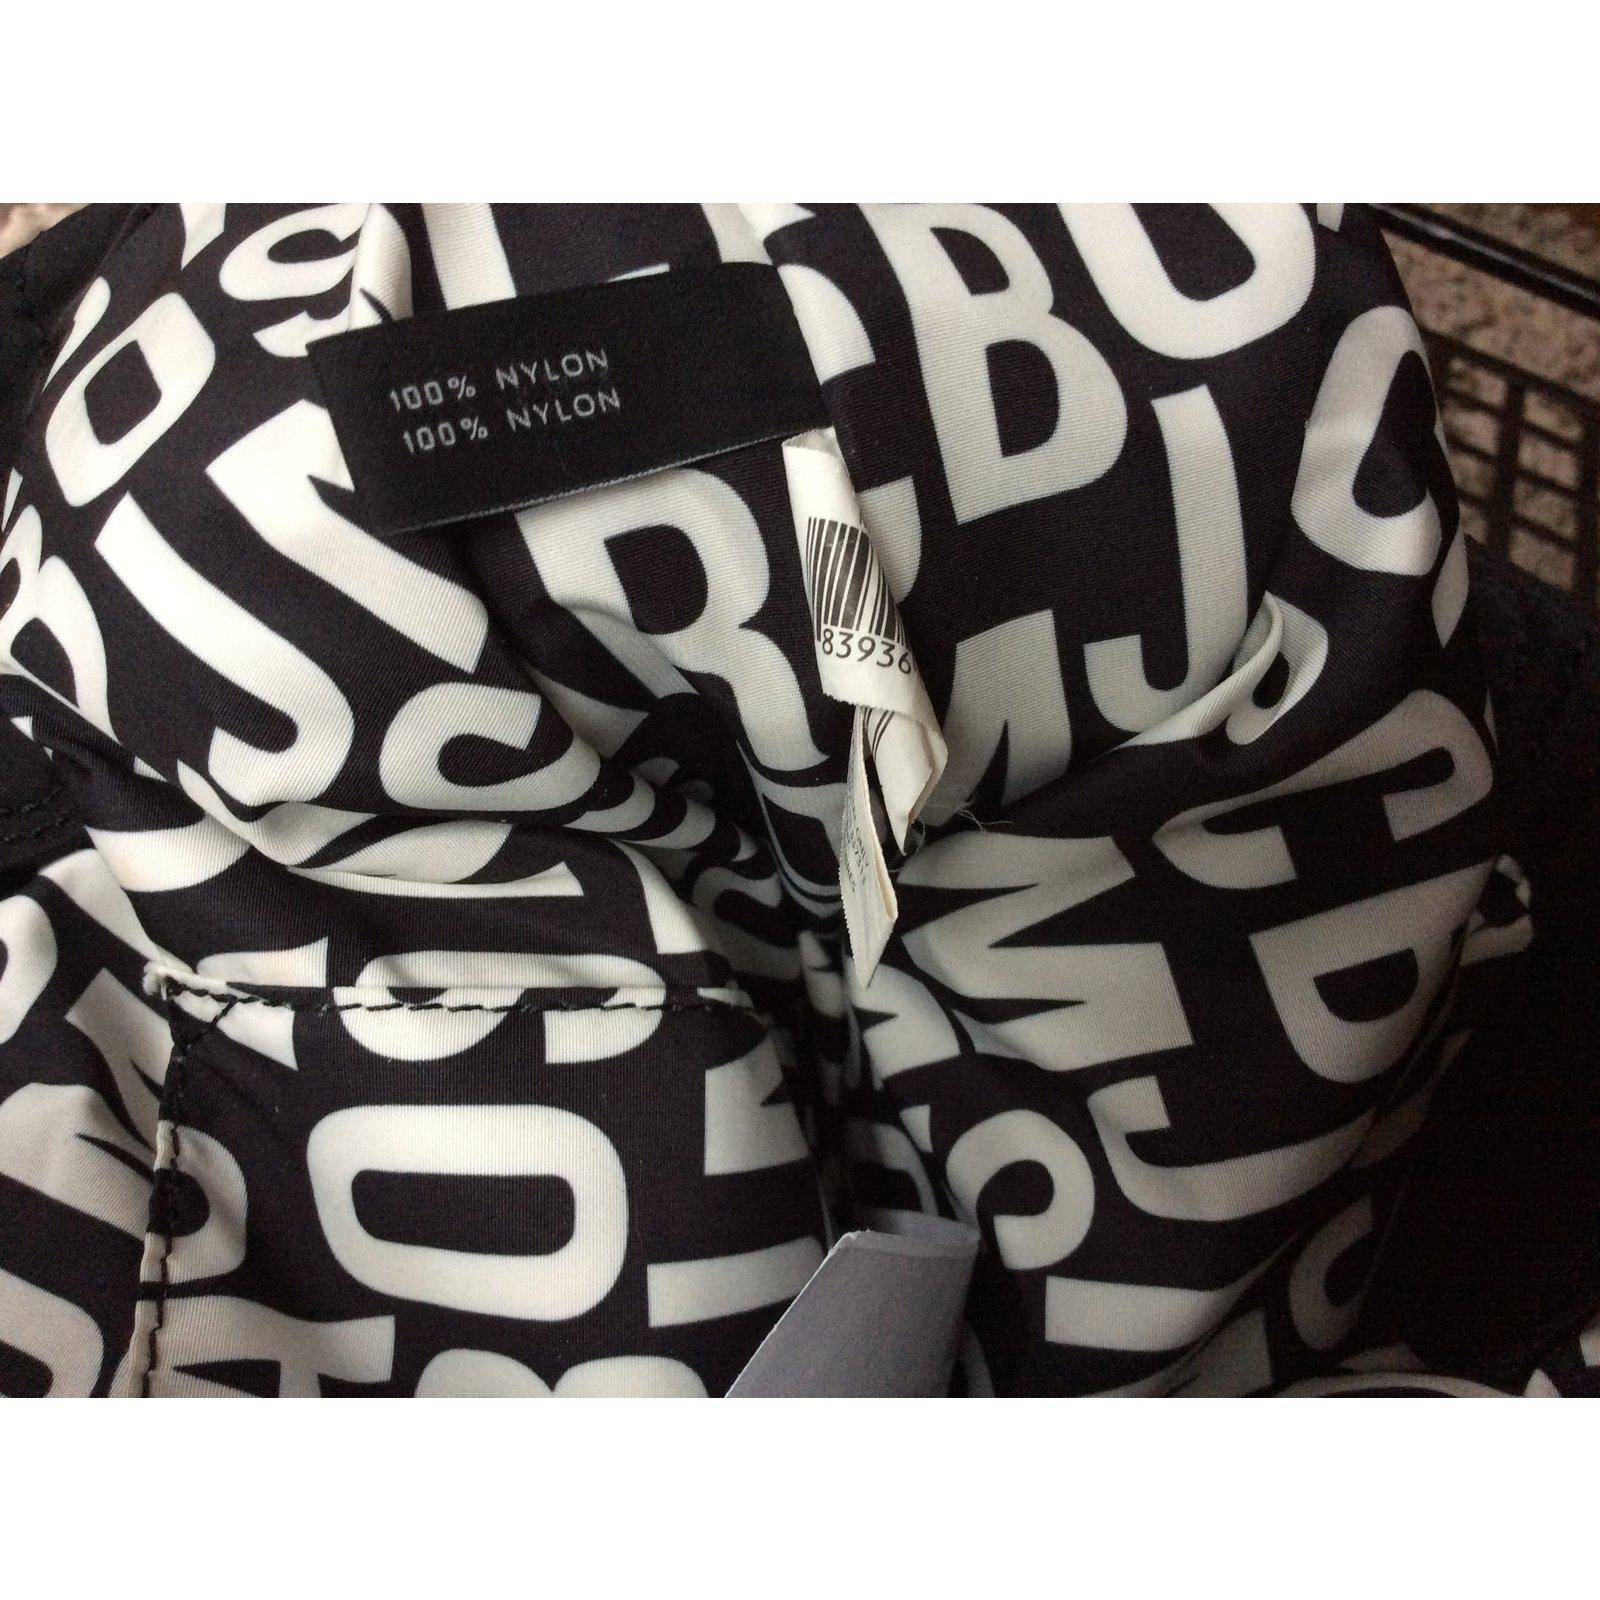 484f199f0683 Marc by Marc Jacobs Handbags Handbags Nylon Black ref.57744 - Joli Closet